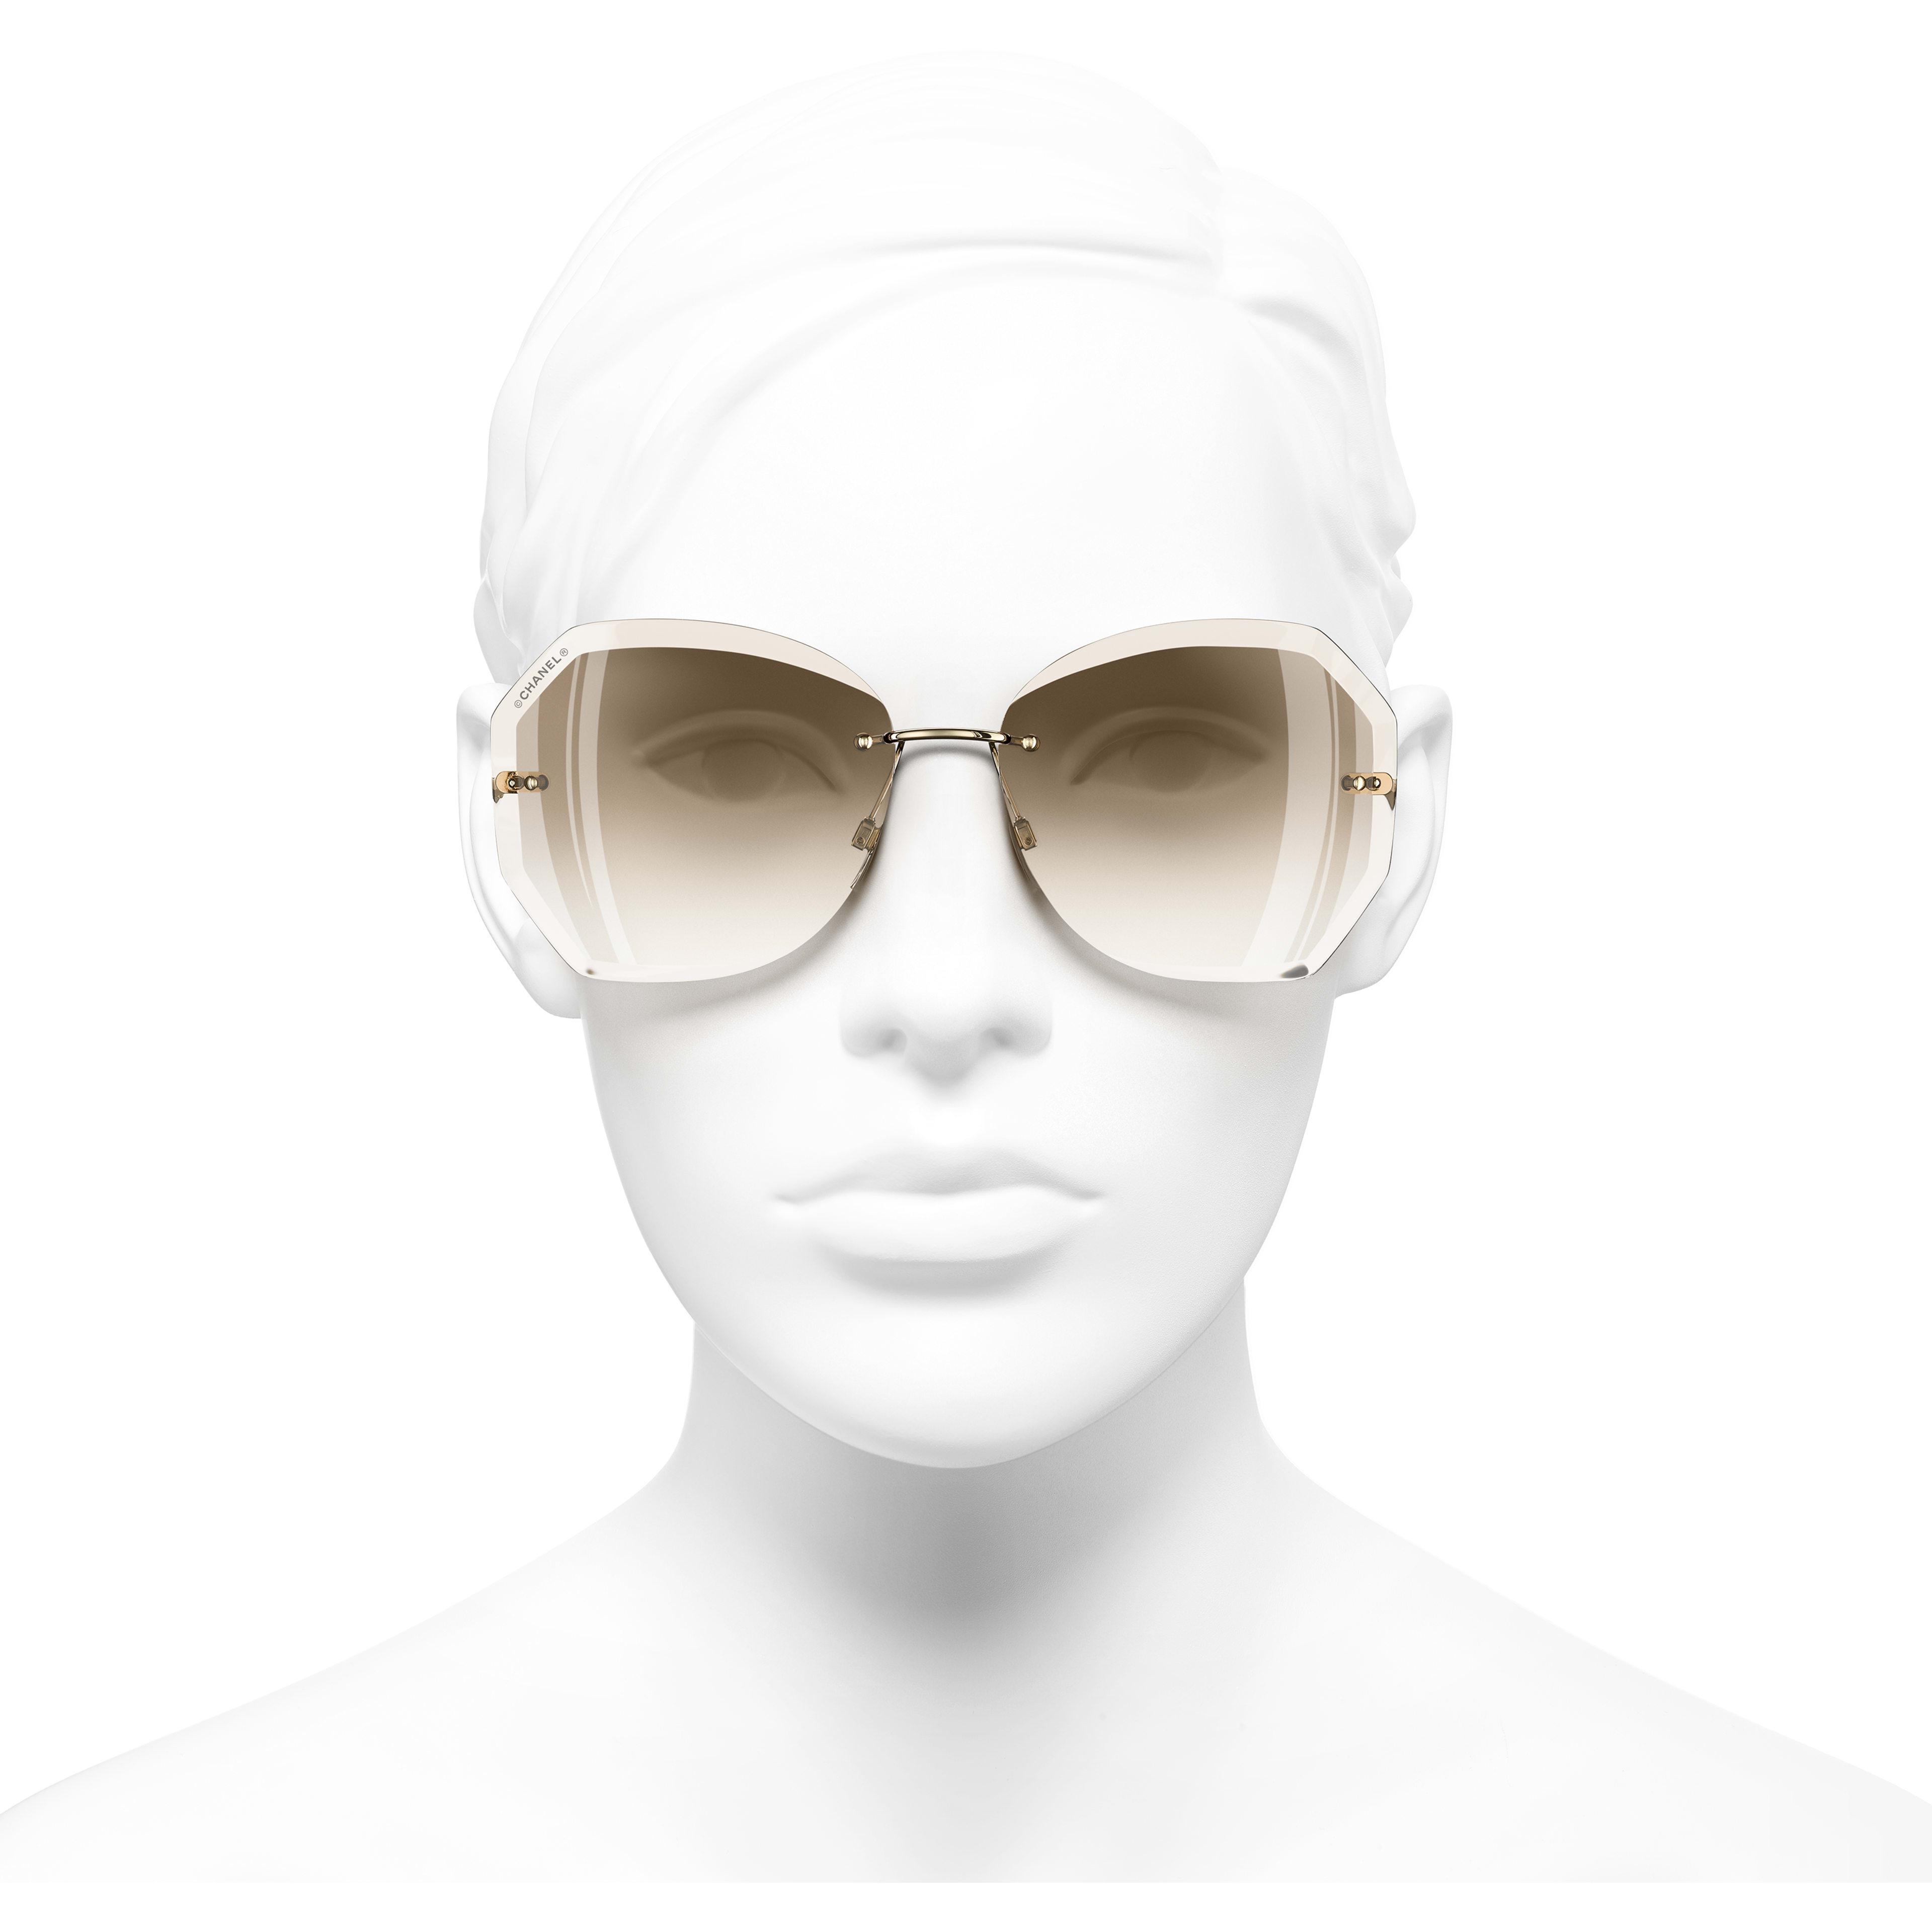 圓形太陽眼鏡 - 金與米 - 金屬 - CHANEL - 配戴時的正面視圖 - 查看標準尺寸版本